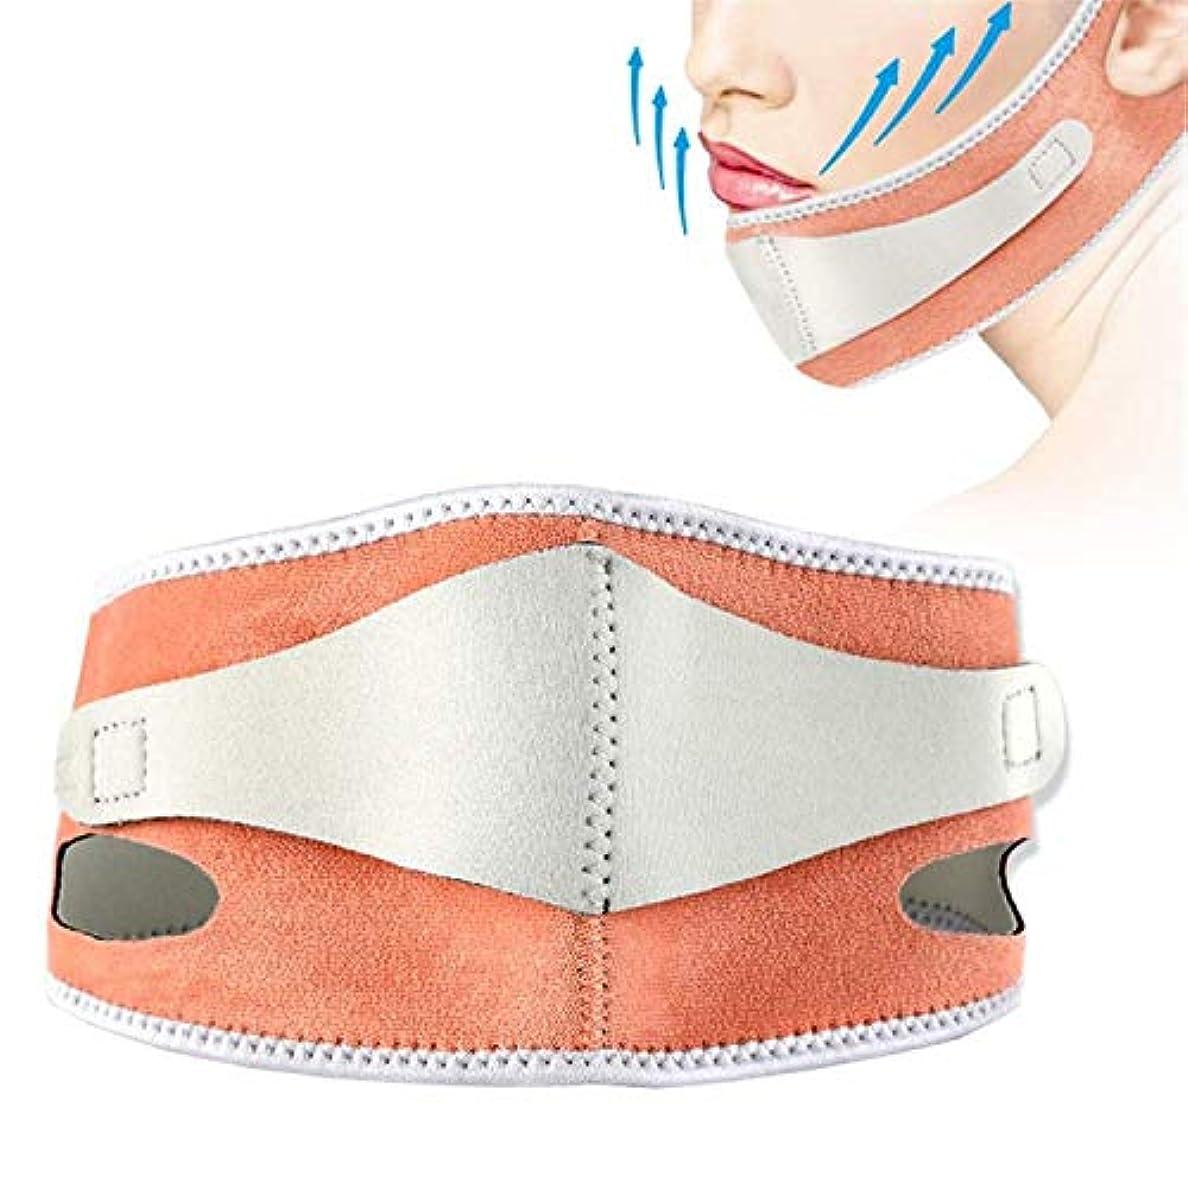 シャンプー困惑した相談するフェイシャルスリミングベルト、Vフェイスシェイピングベルト、頬補強ベルト、美容弾性スリーブ薄い顔術後回復包帯、減量包帯を削除するには二重あご、フェイスリフト減量睡眠マスク包帯